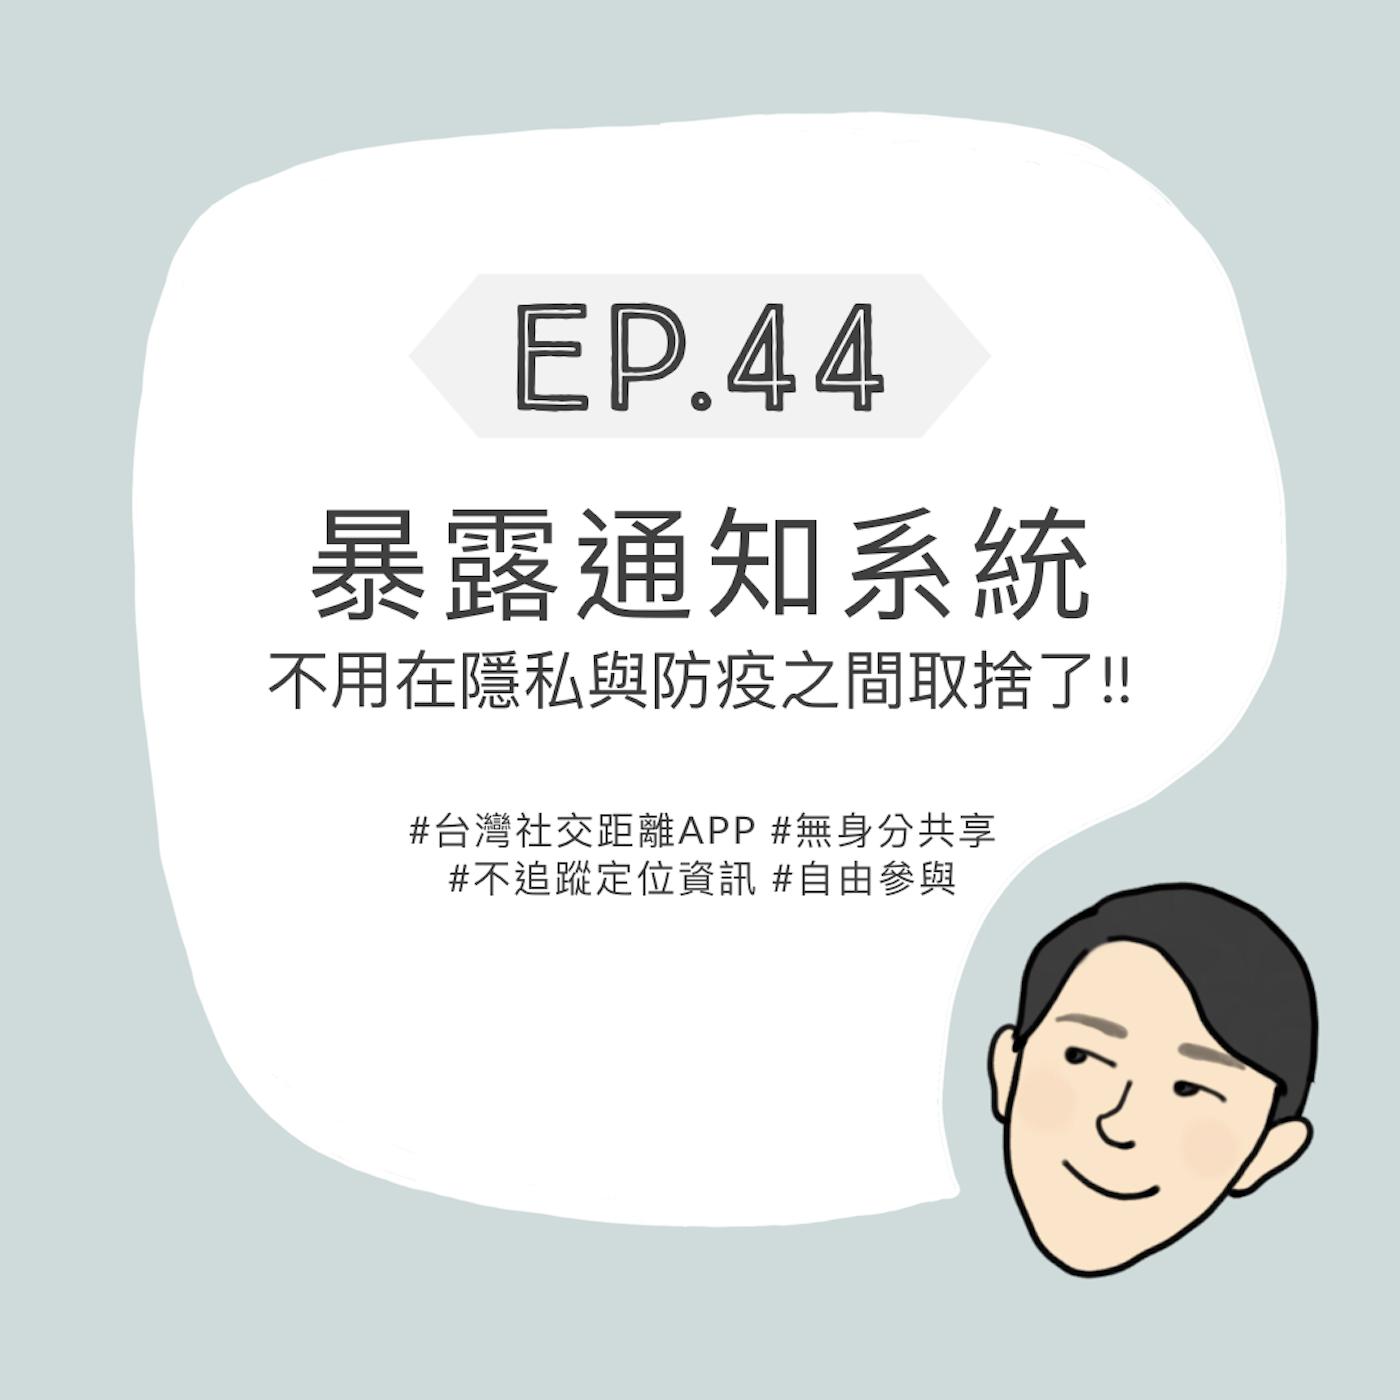 EP44 - 暴露通知系統|不用在隱私與防疫之間取捨了